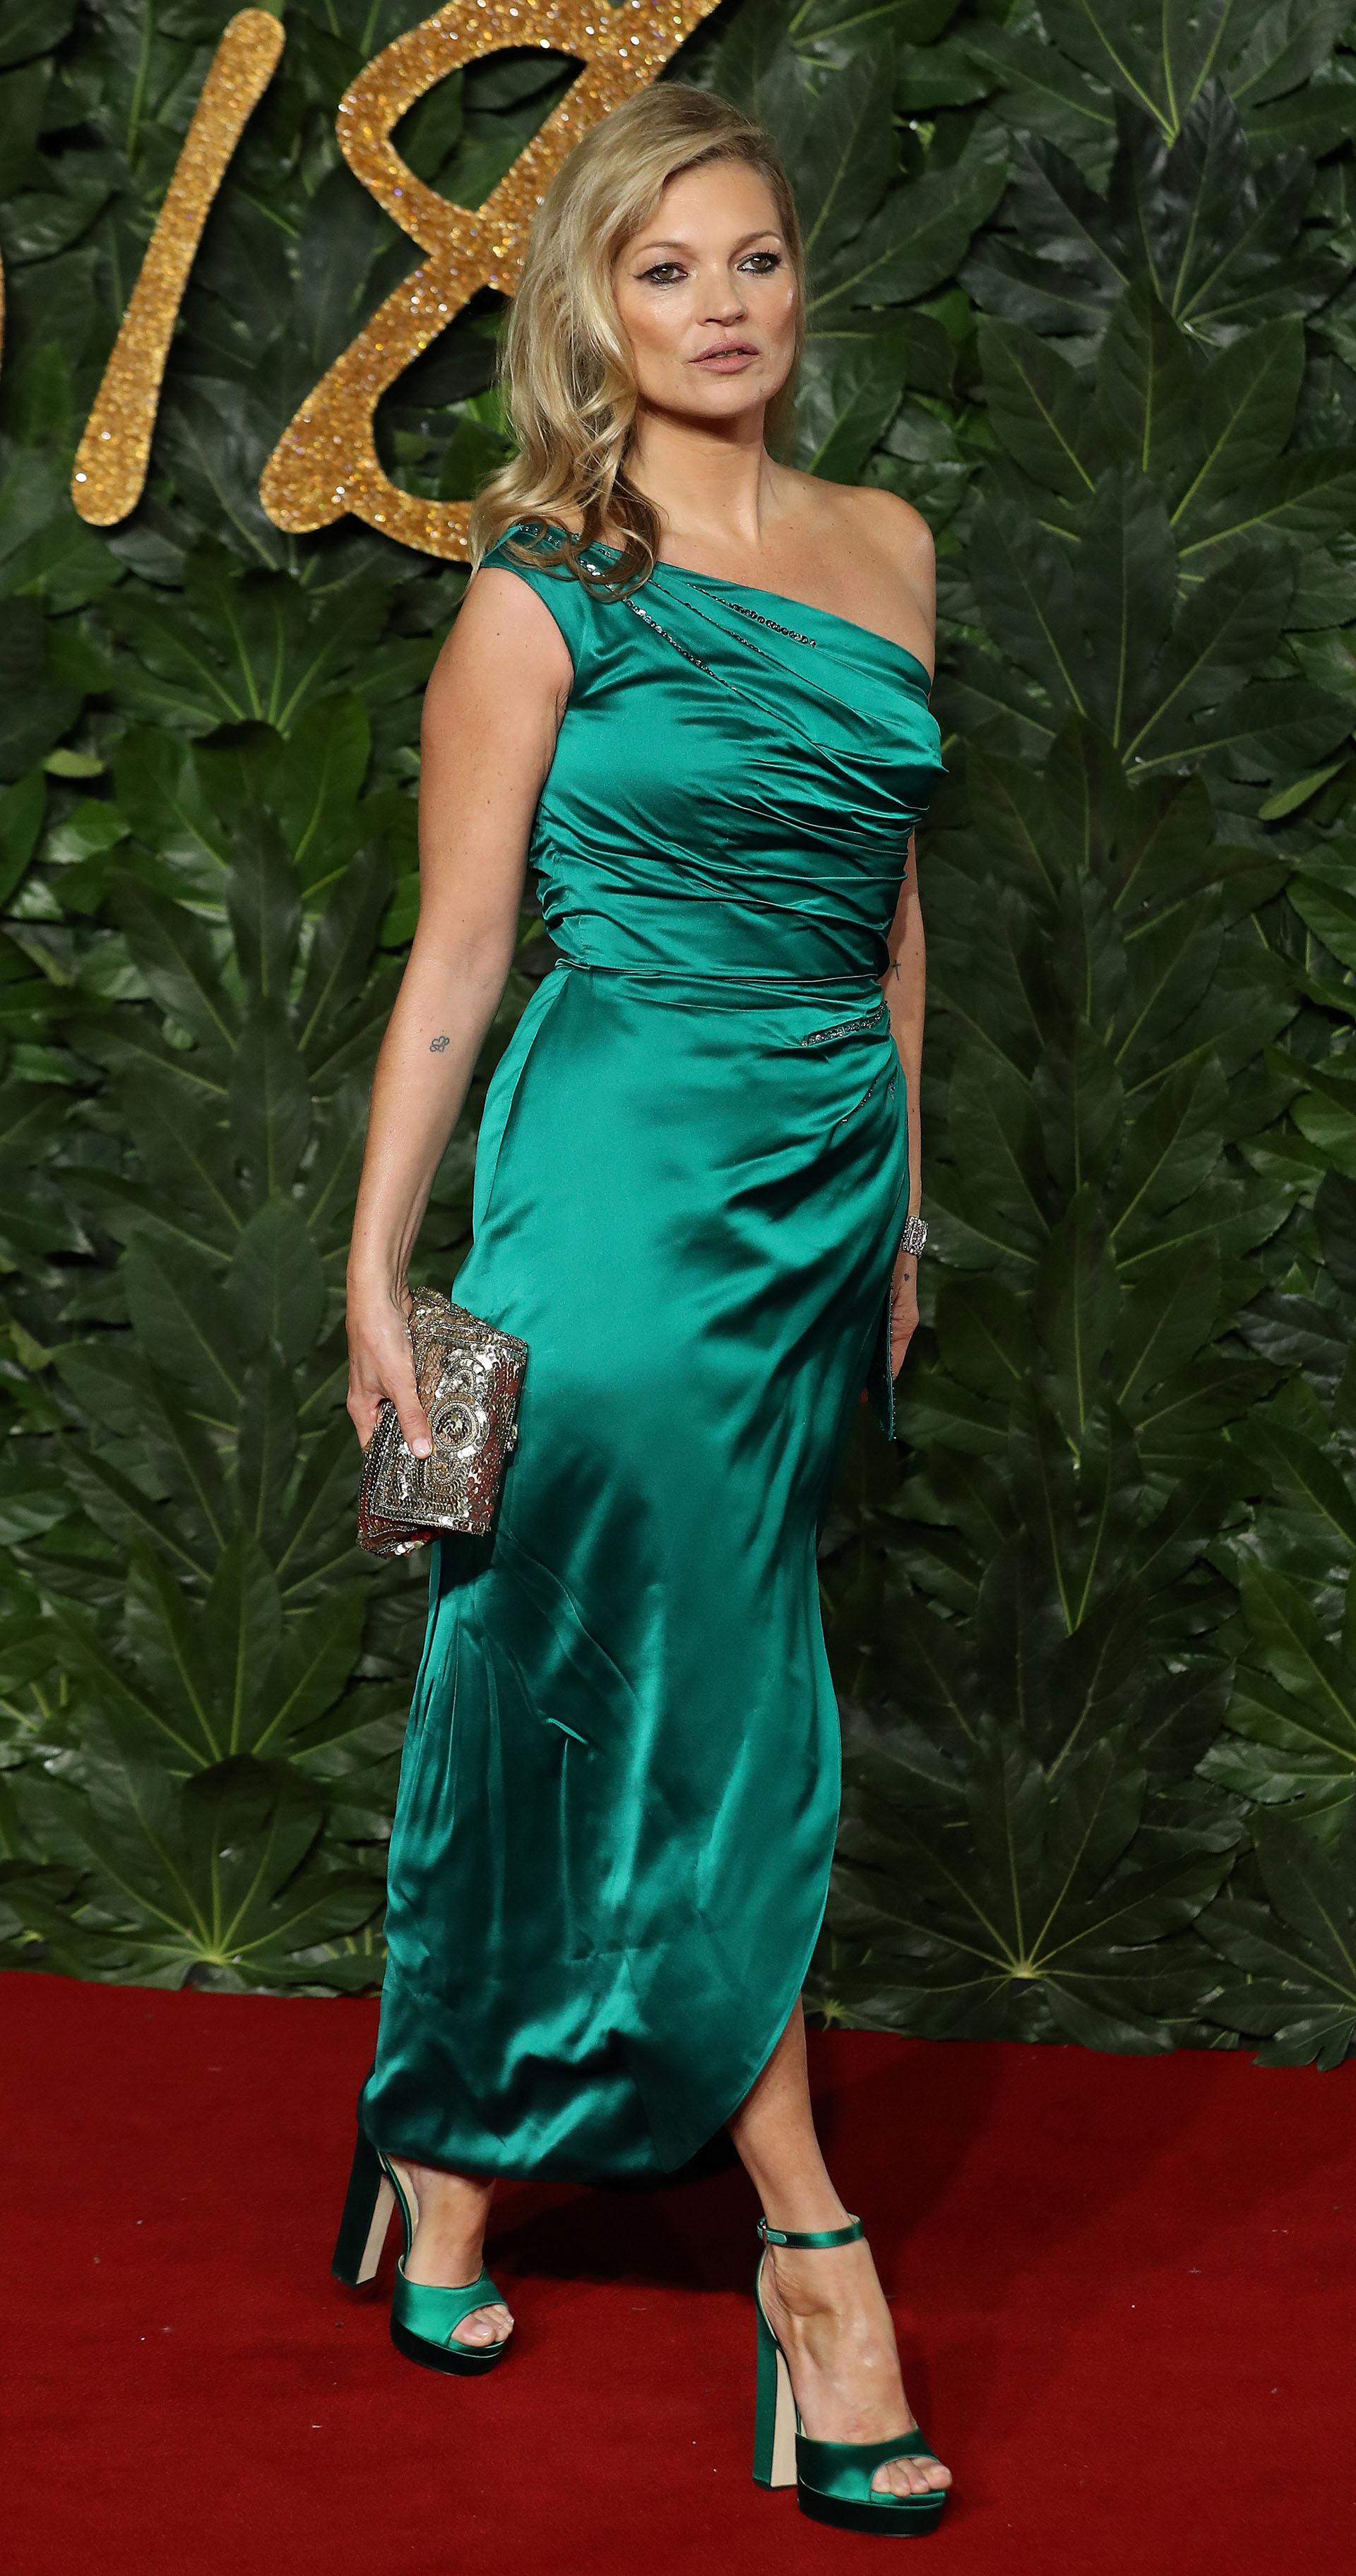 La belleza intacta de Kate Moss